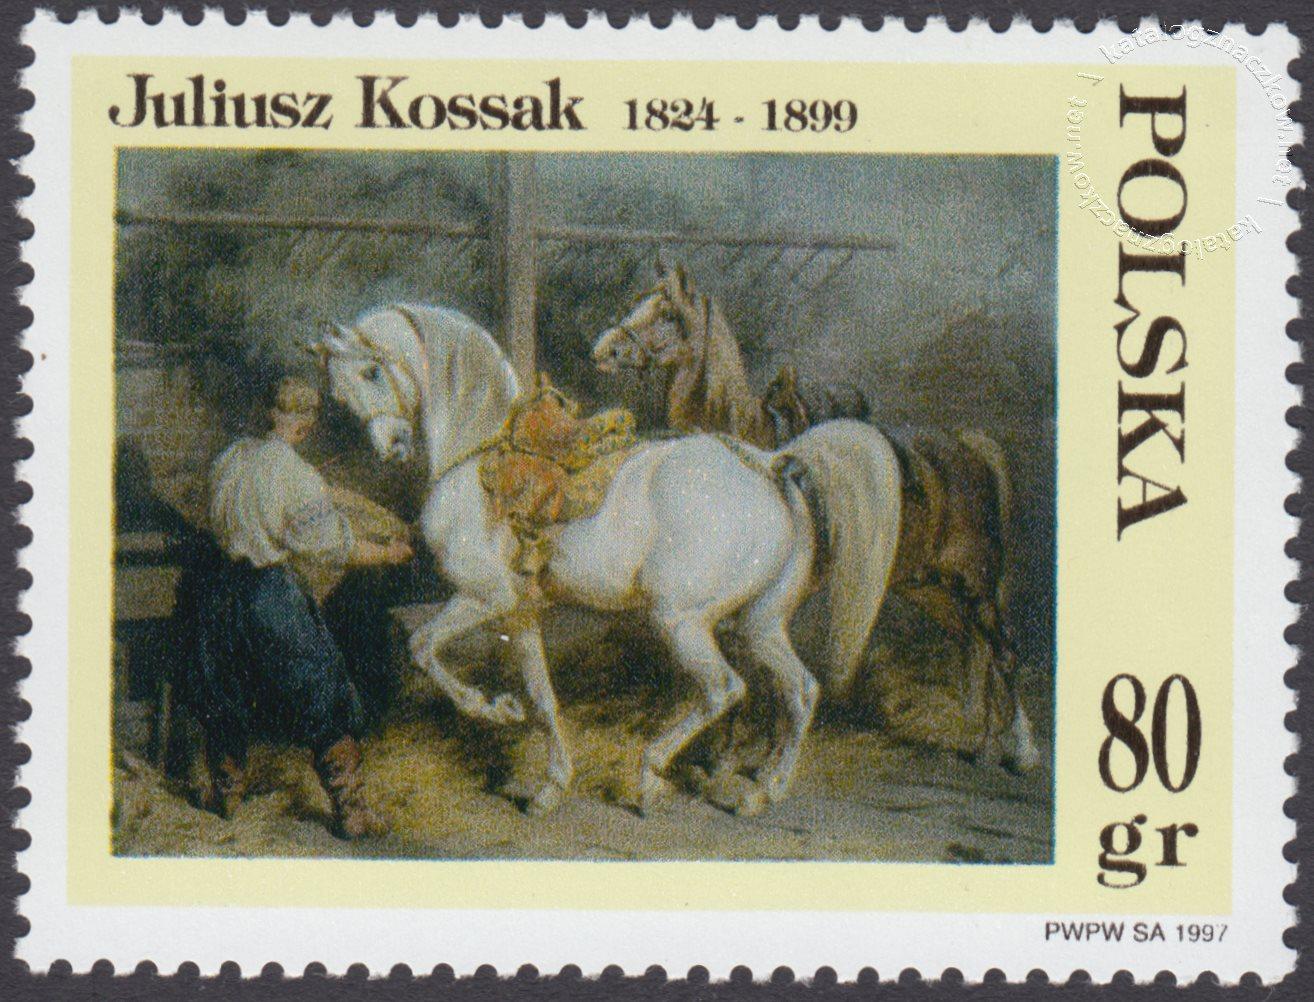 Malarstwo Juliusza Kossaka znaczek nr 3516